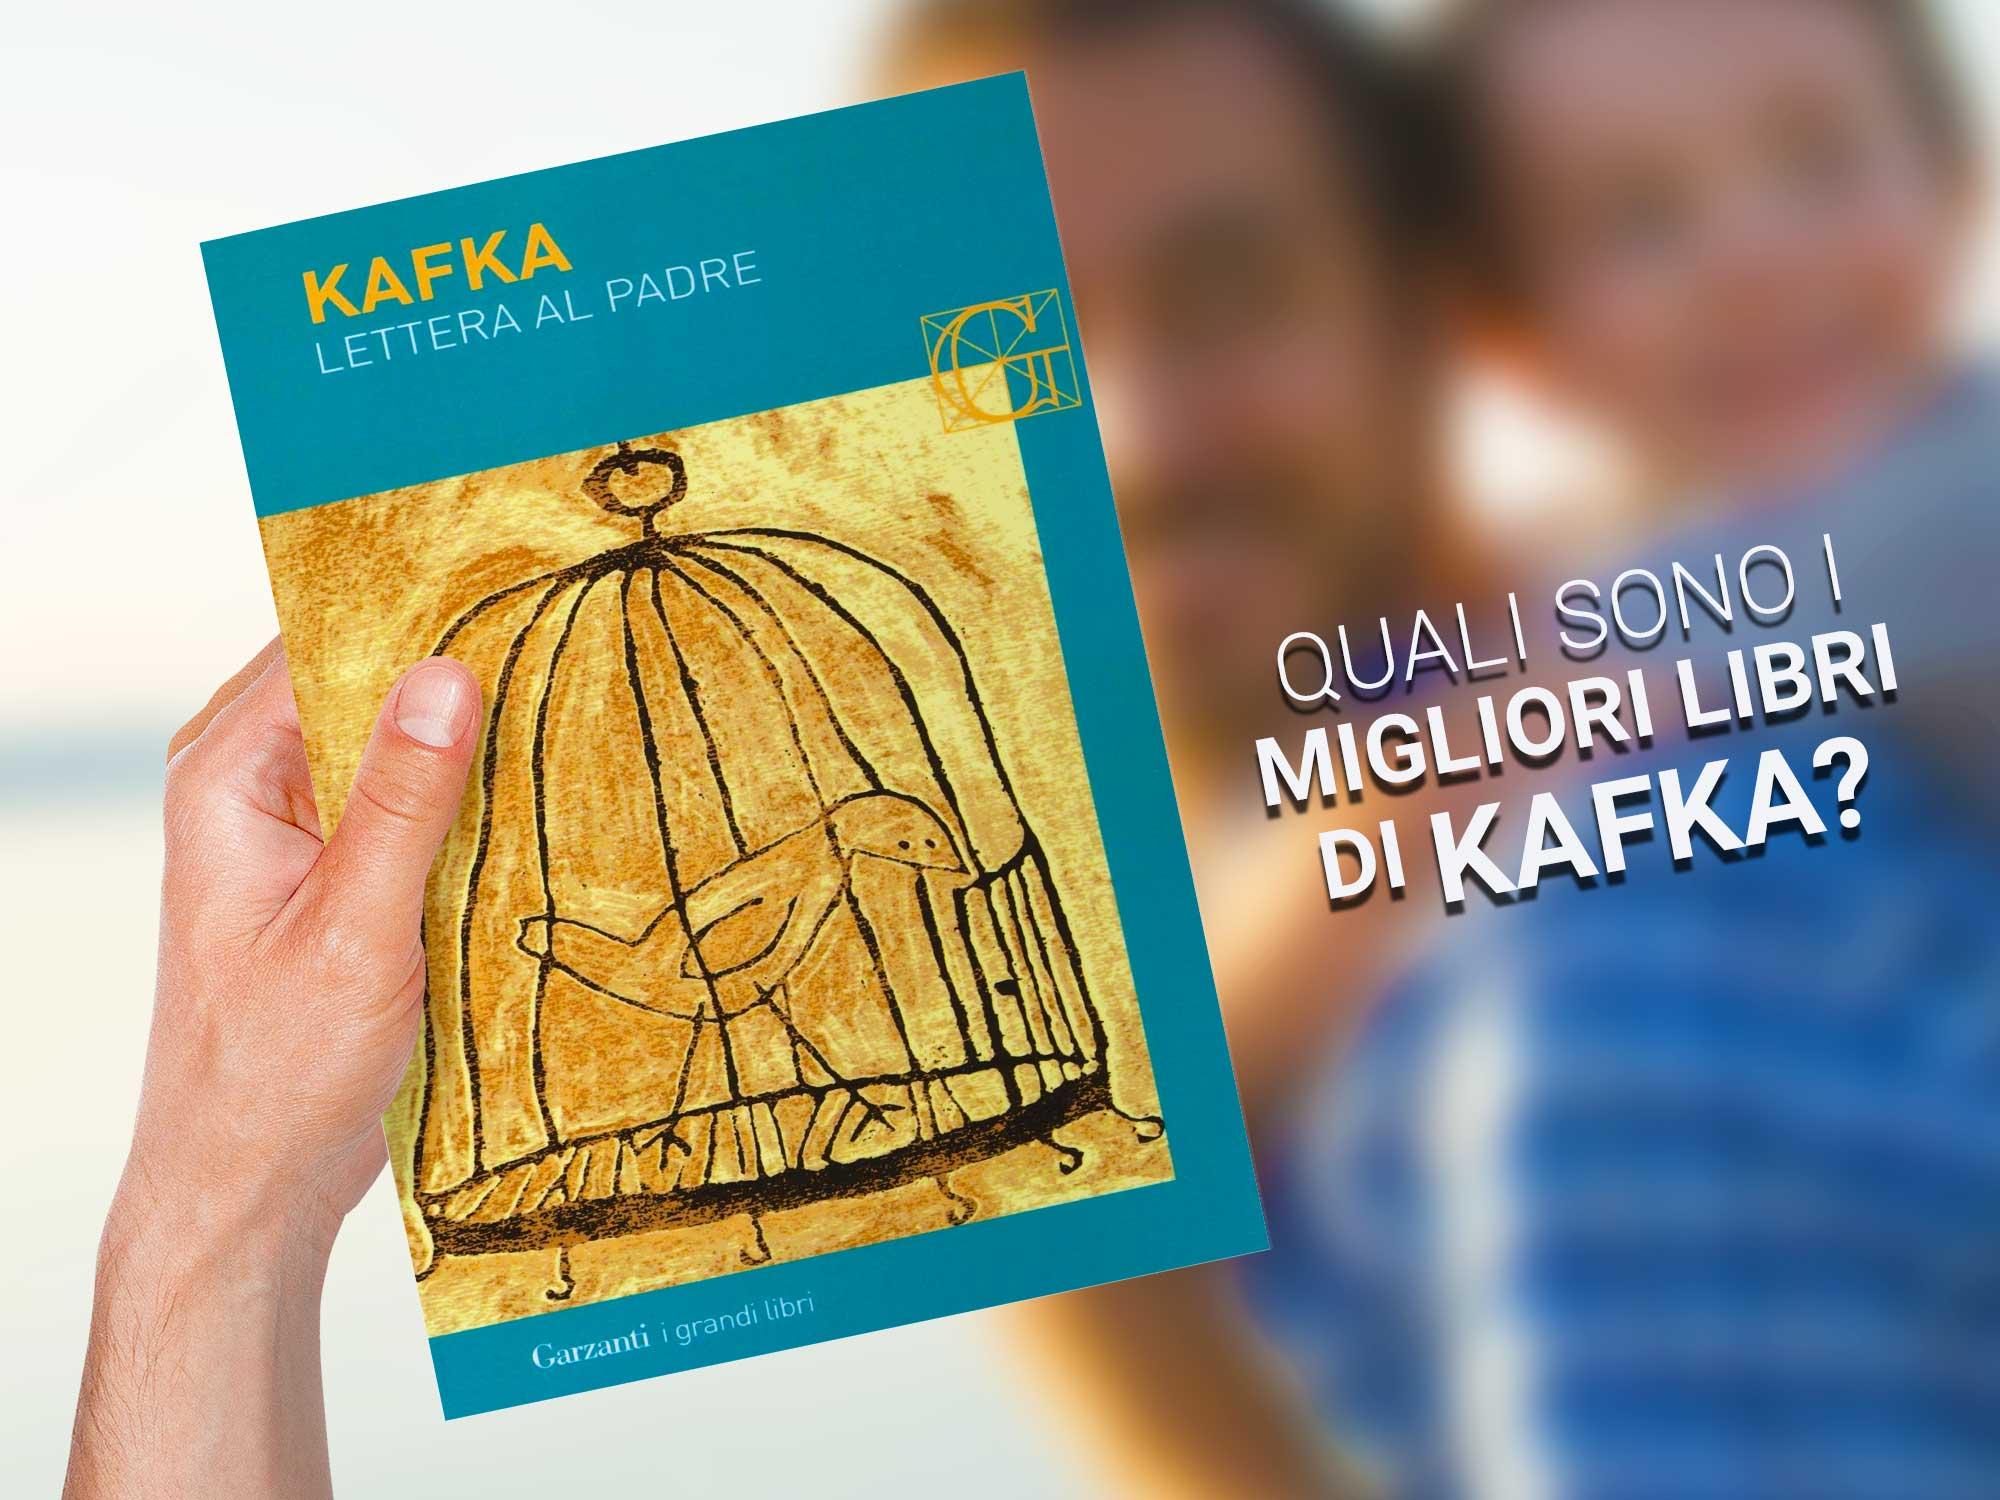 libro-di-kafka-migliore-da-leggere